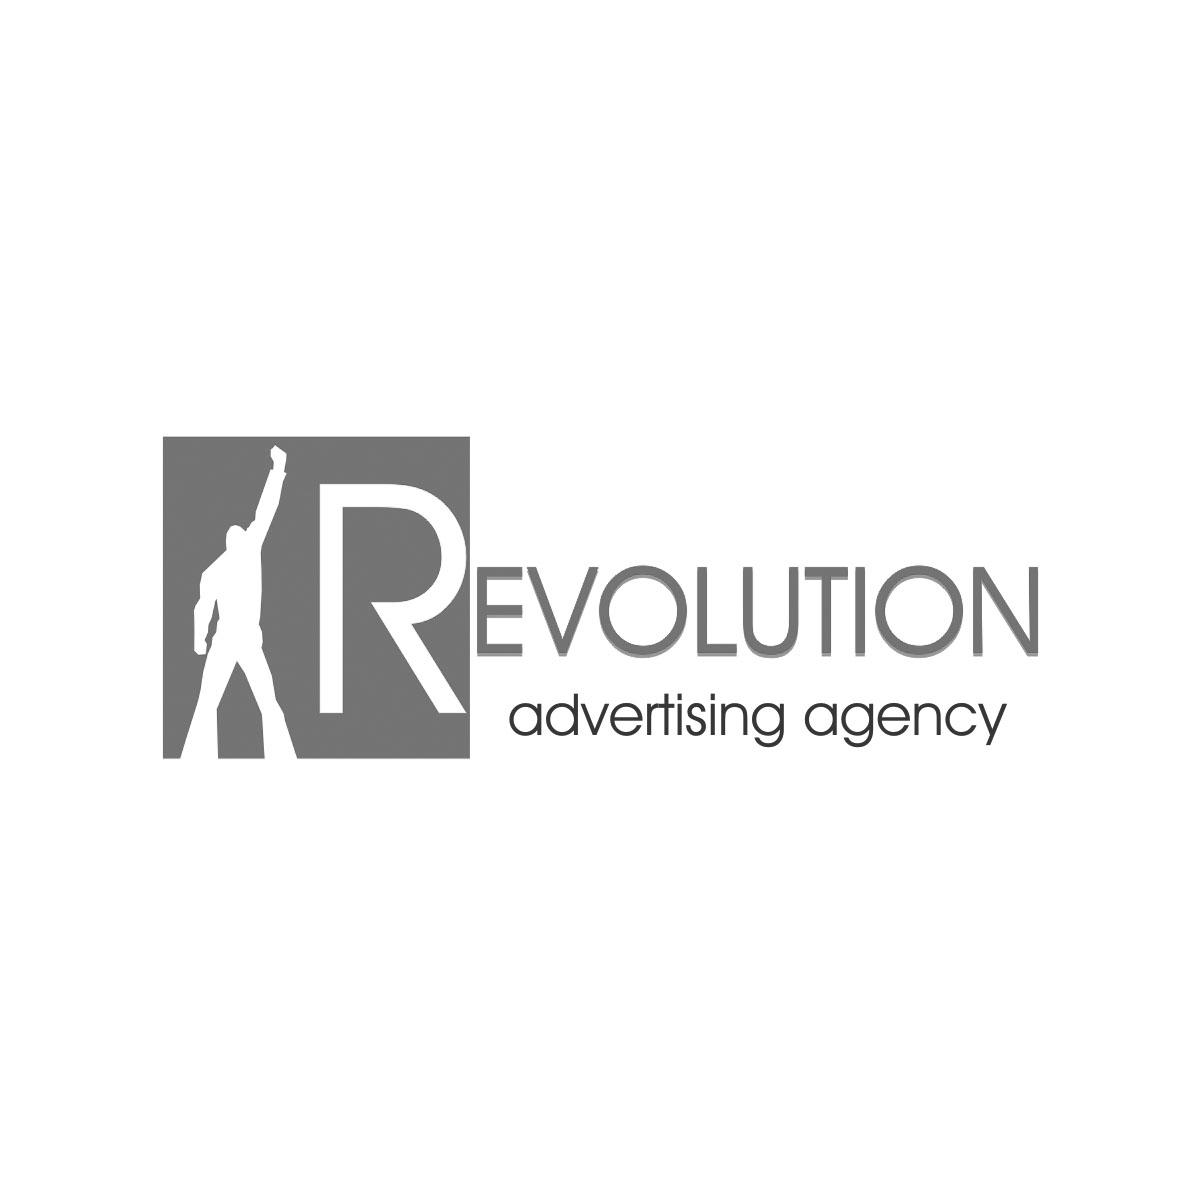 Разработка логотипа и фир. стиля агенству Revolución фото f_4fb907a11f9b2.jpg